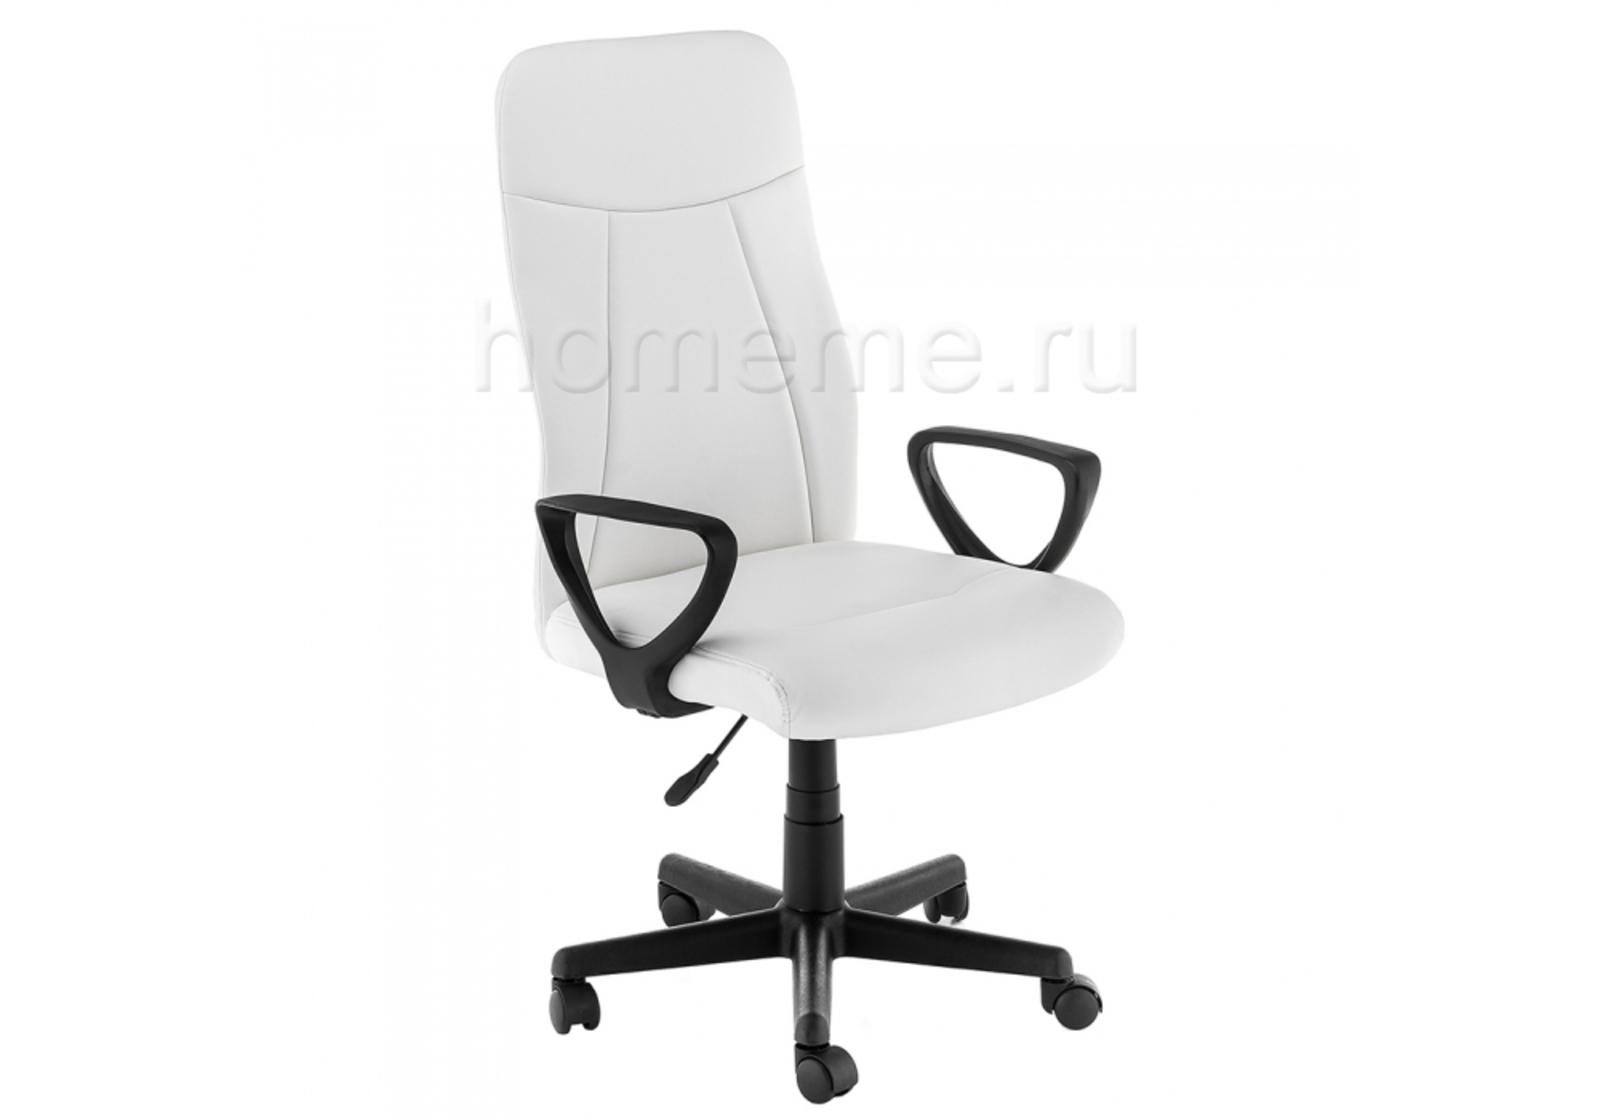 Кресло для офиса HomeMe Favor белое 11273 от Homeme.ru